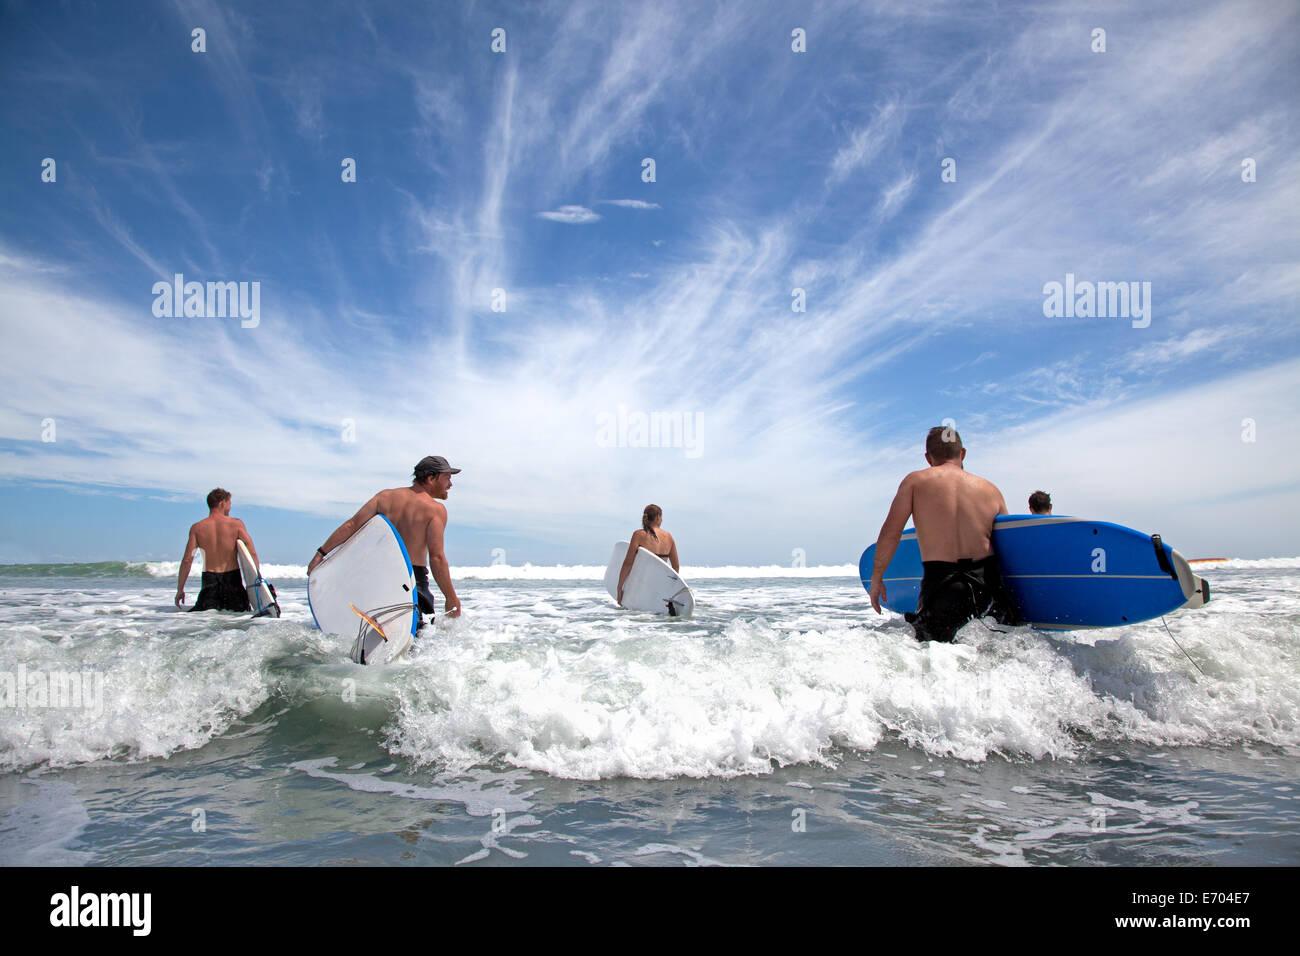 Gruppo di maschio e femmina surfer amici wading in mare con tavole da surf Immagini Stock